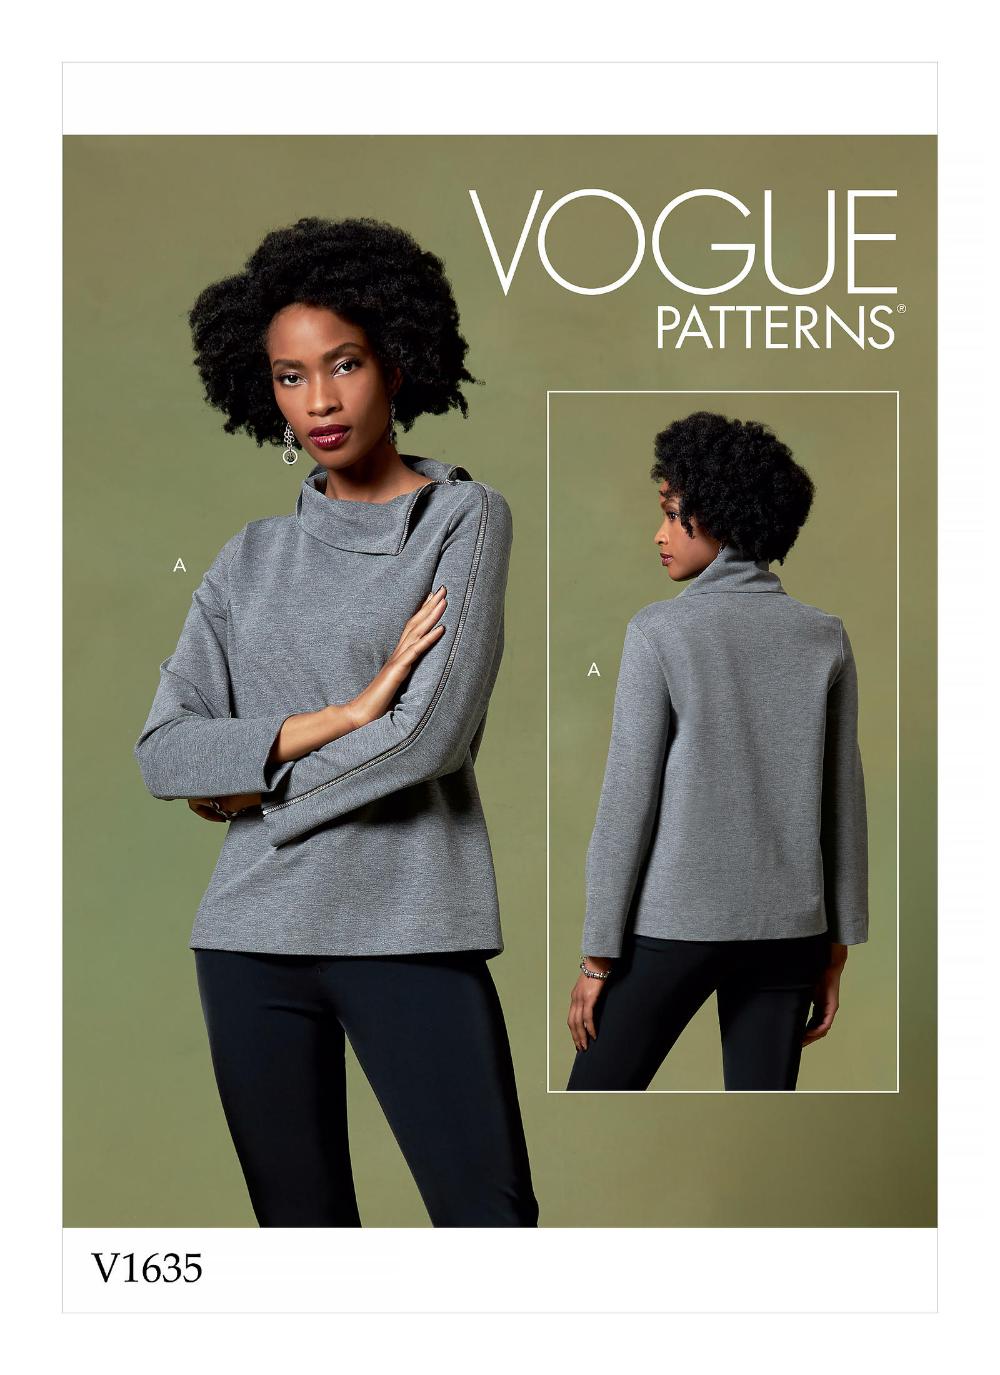 V1635 Misses Top Sewing Pattern Vogue Patterns Voguepatterns